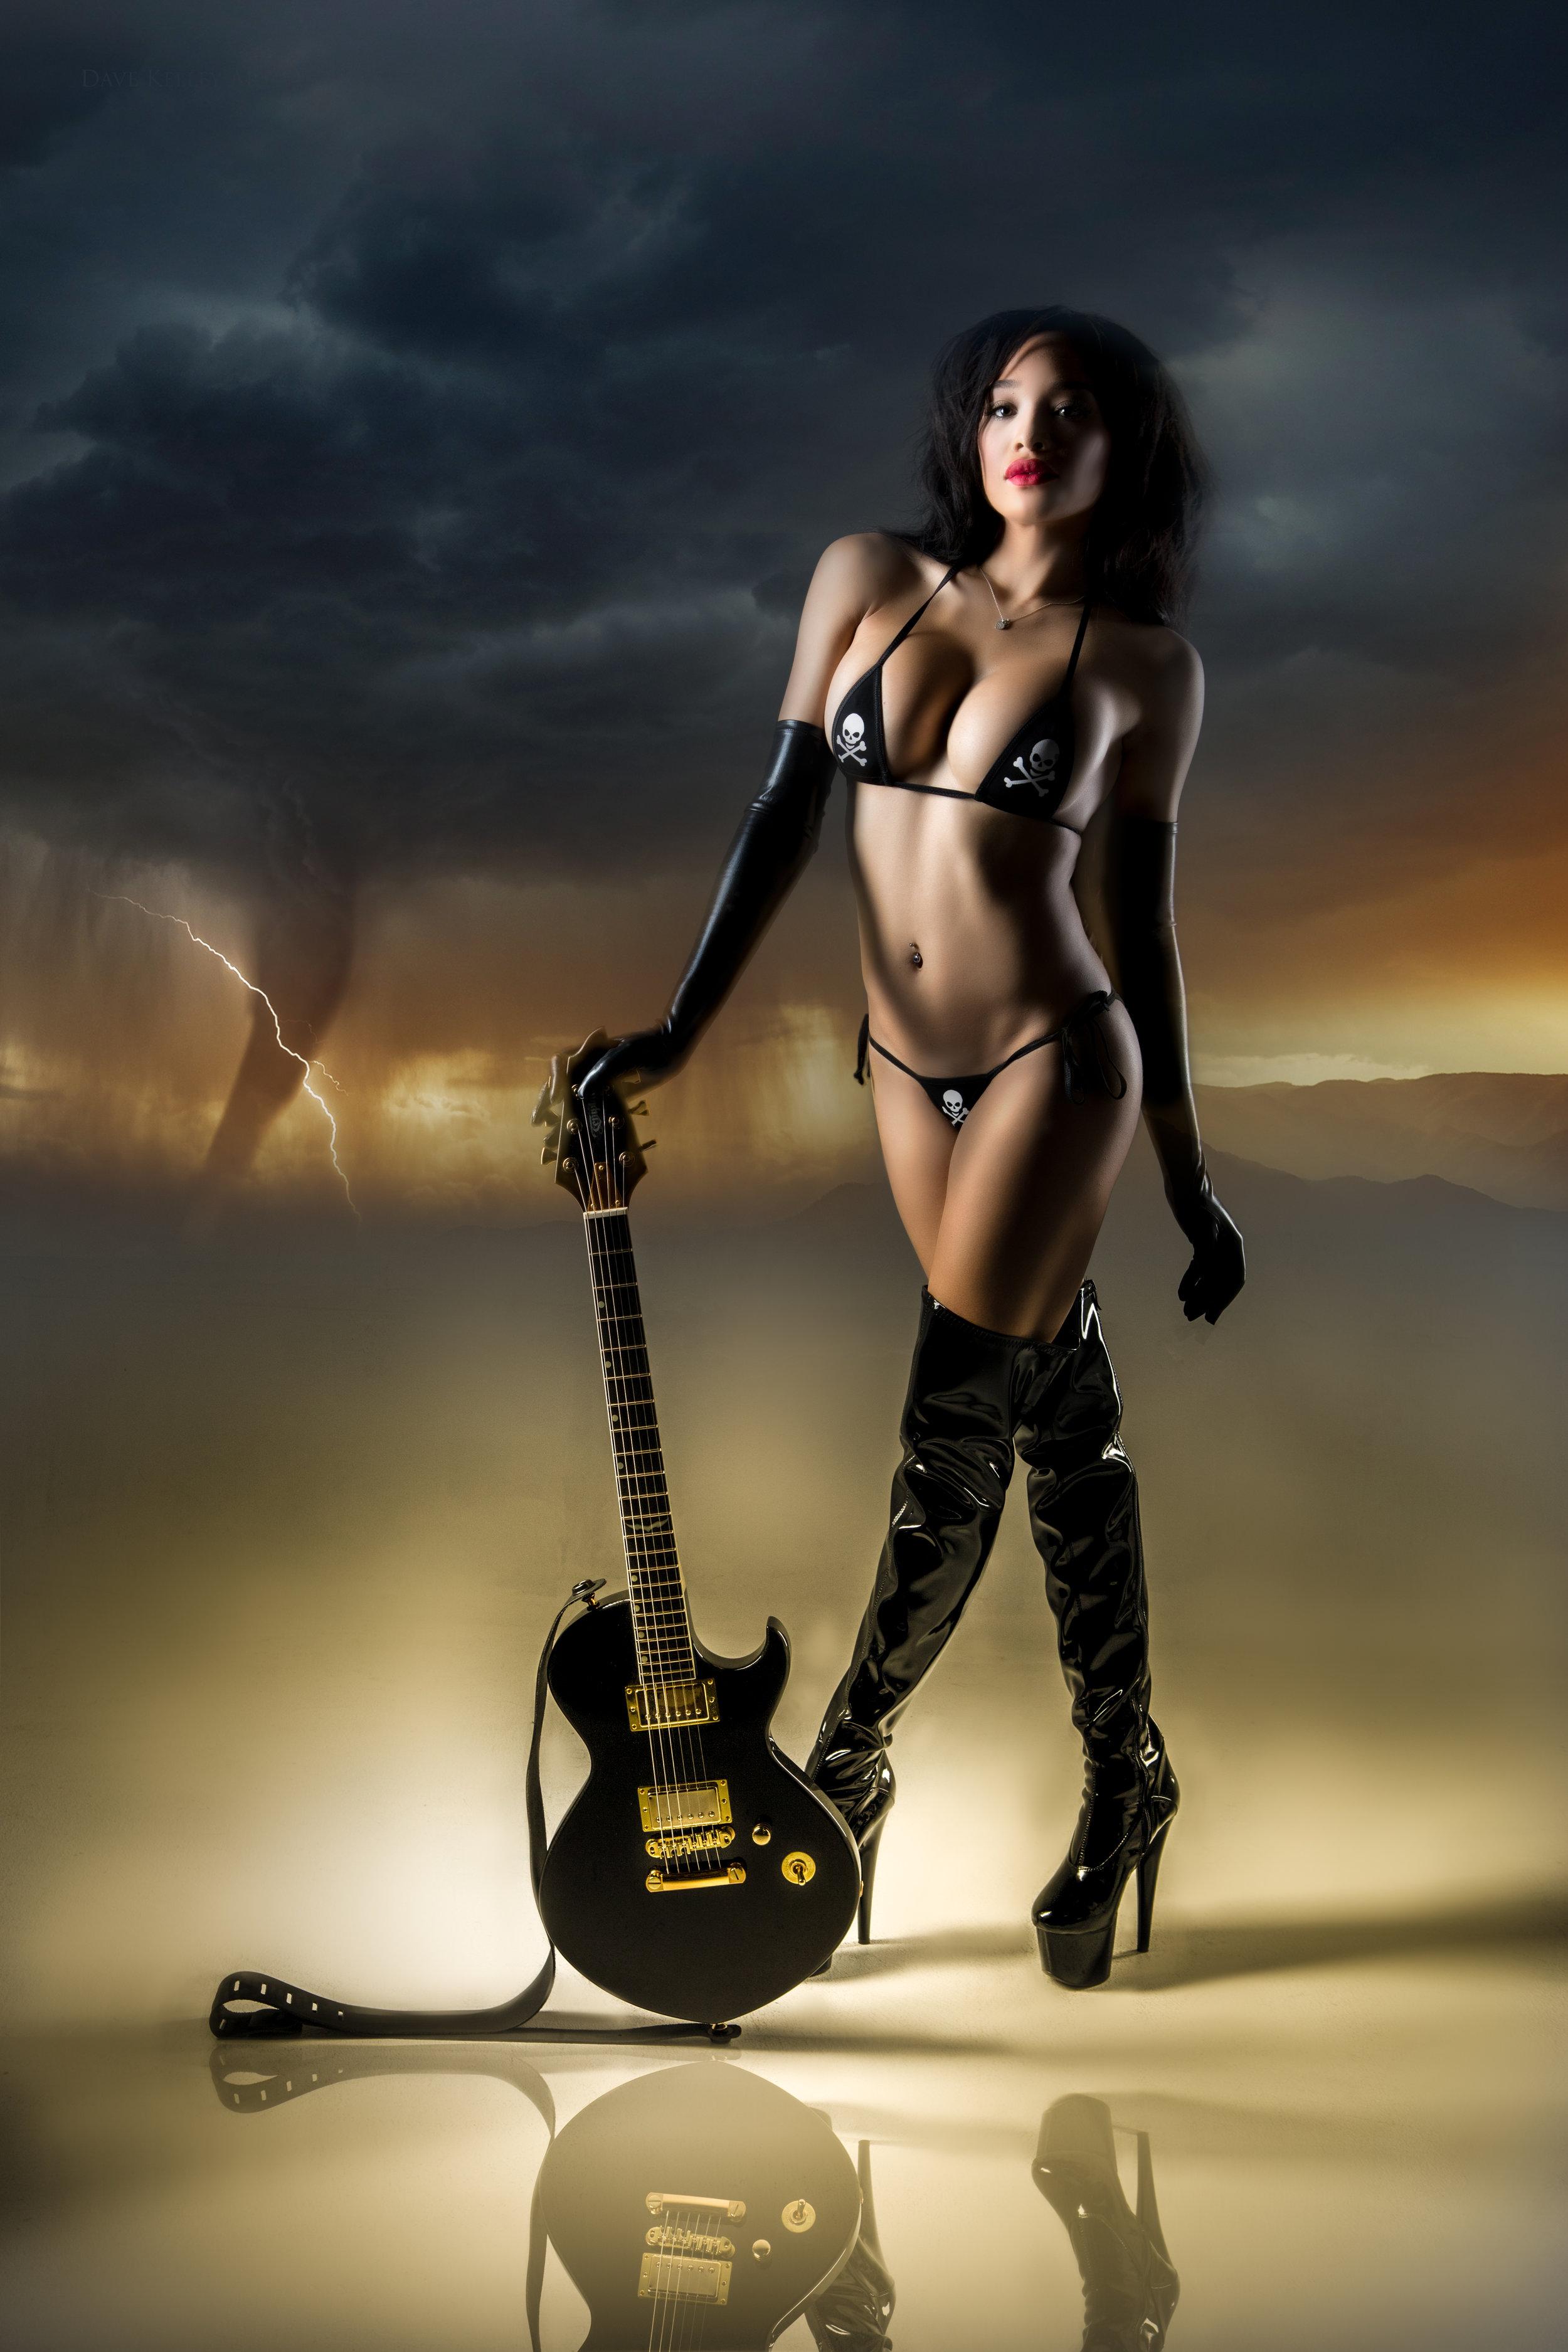 Guitar0117templar-cassandraH - IMGL4203-Edit-Edit.jpg